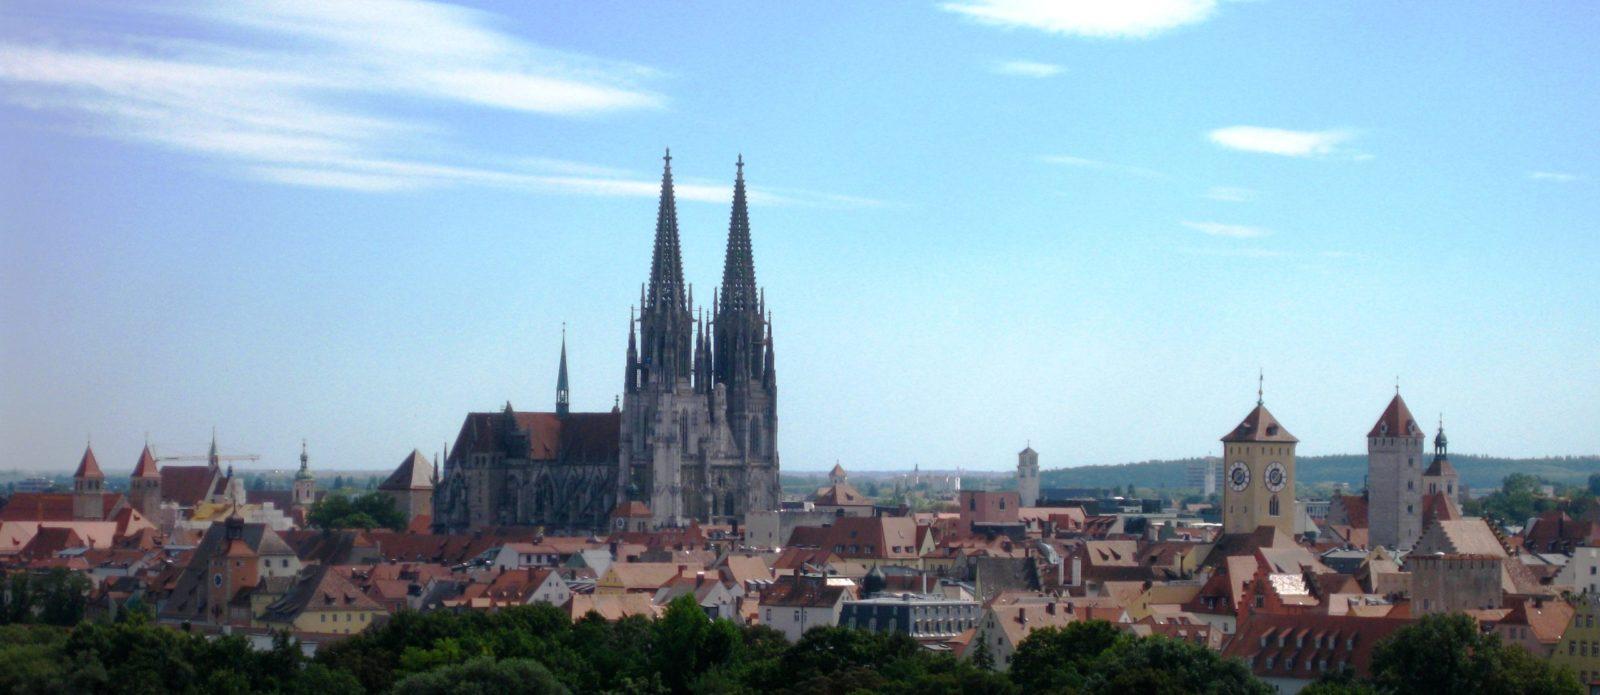 Regensburg ist alt und neu zugleich